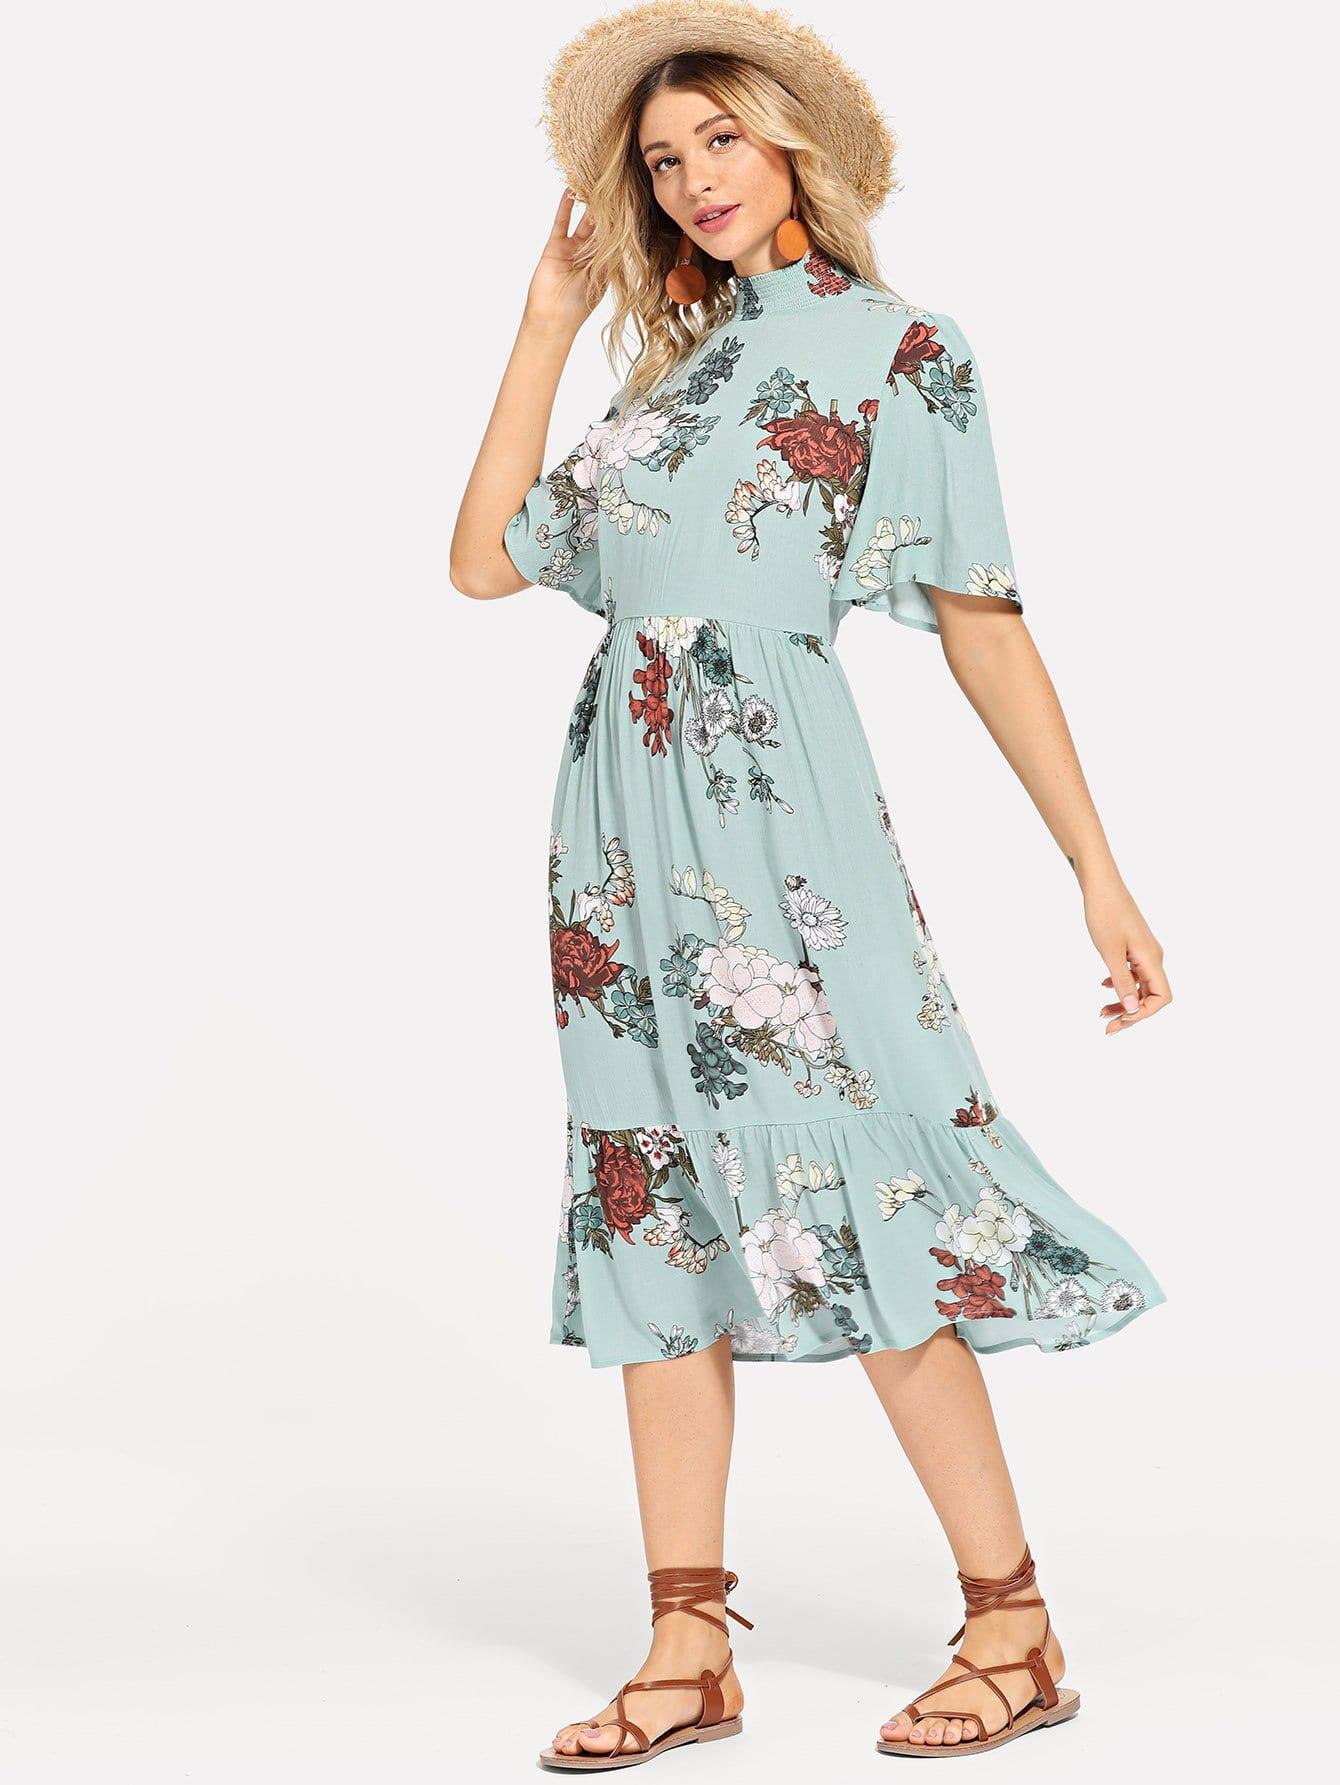 Shirred Mock Neck Keyhole Back Цветочные платья